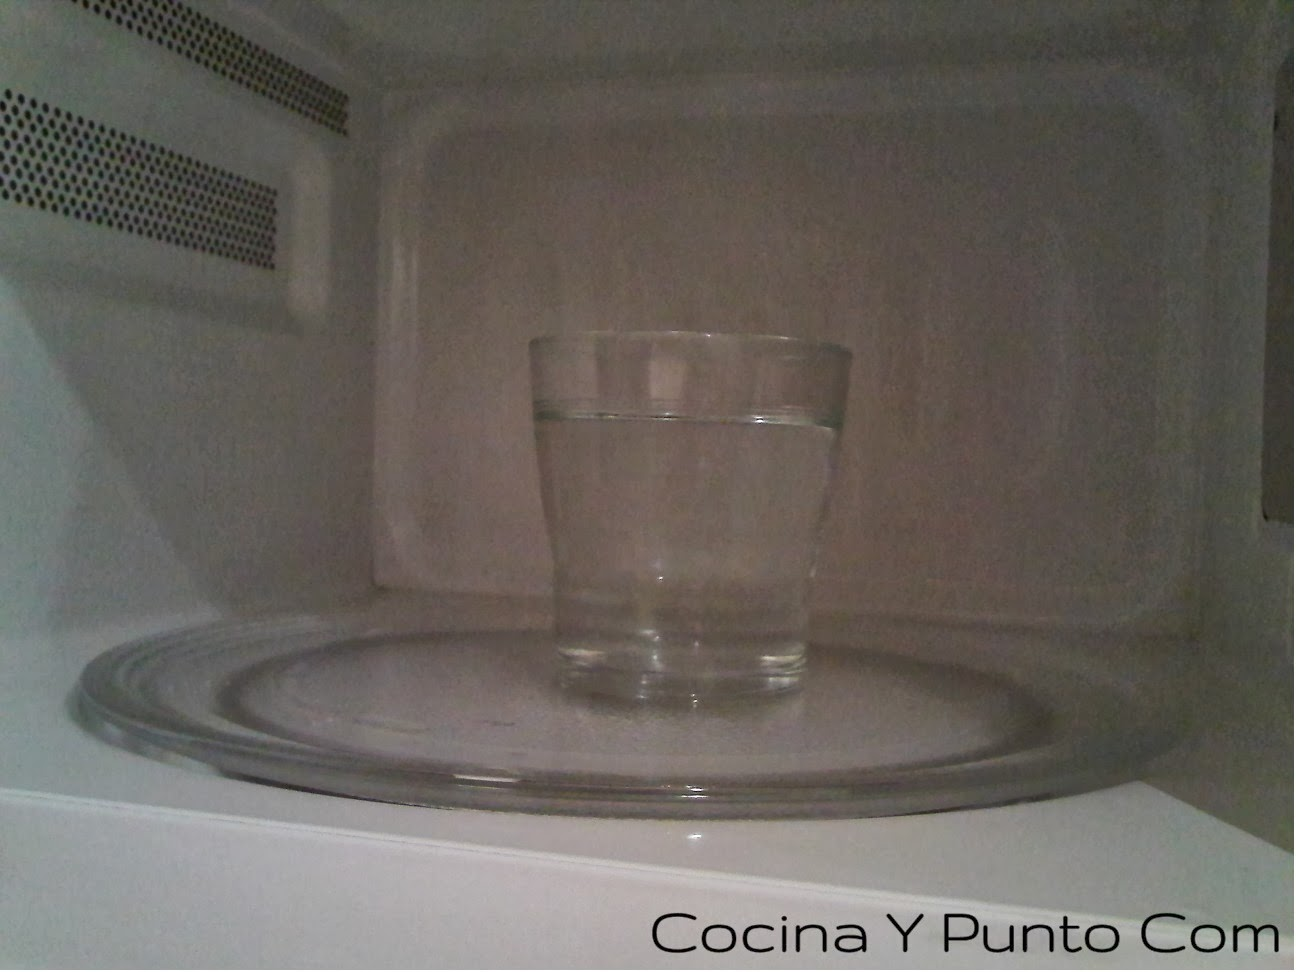 Cocina y punto com c mo lavar el microondas for El vinagre desinfecta